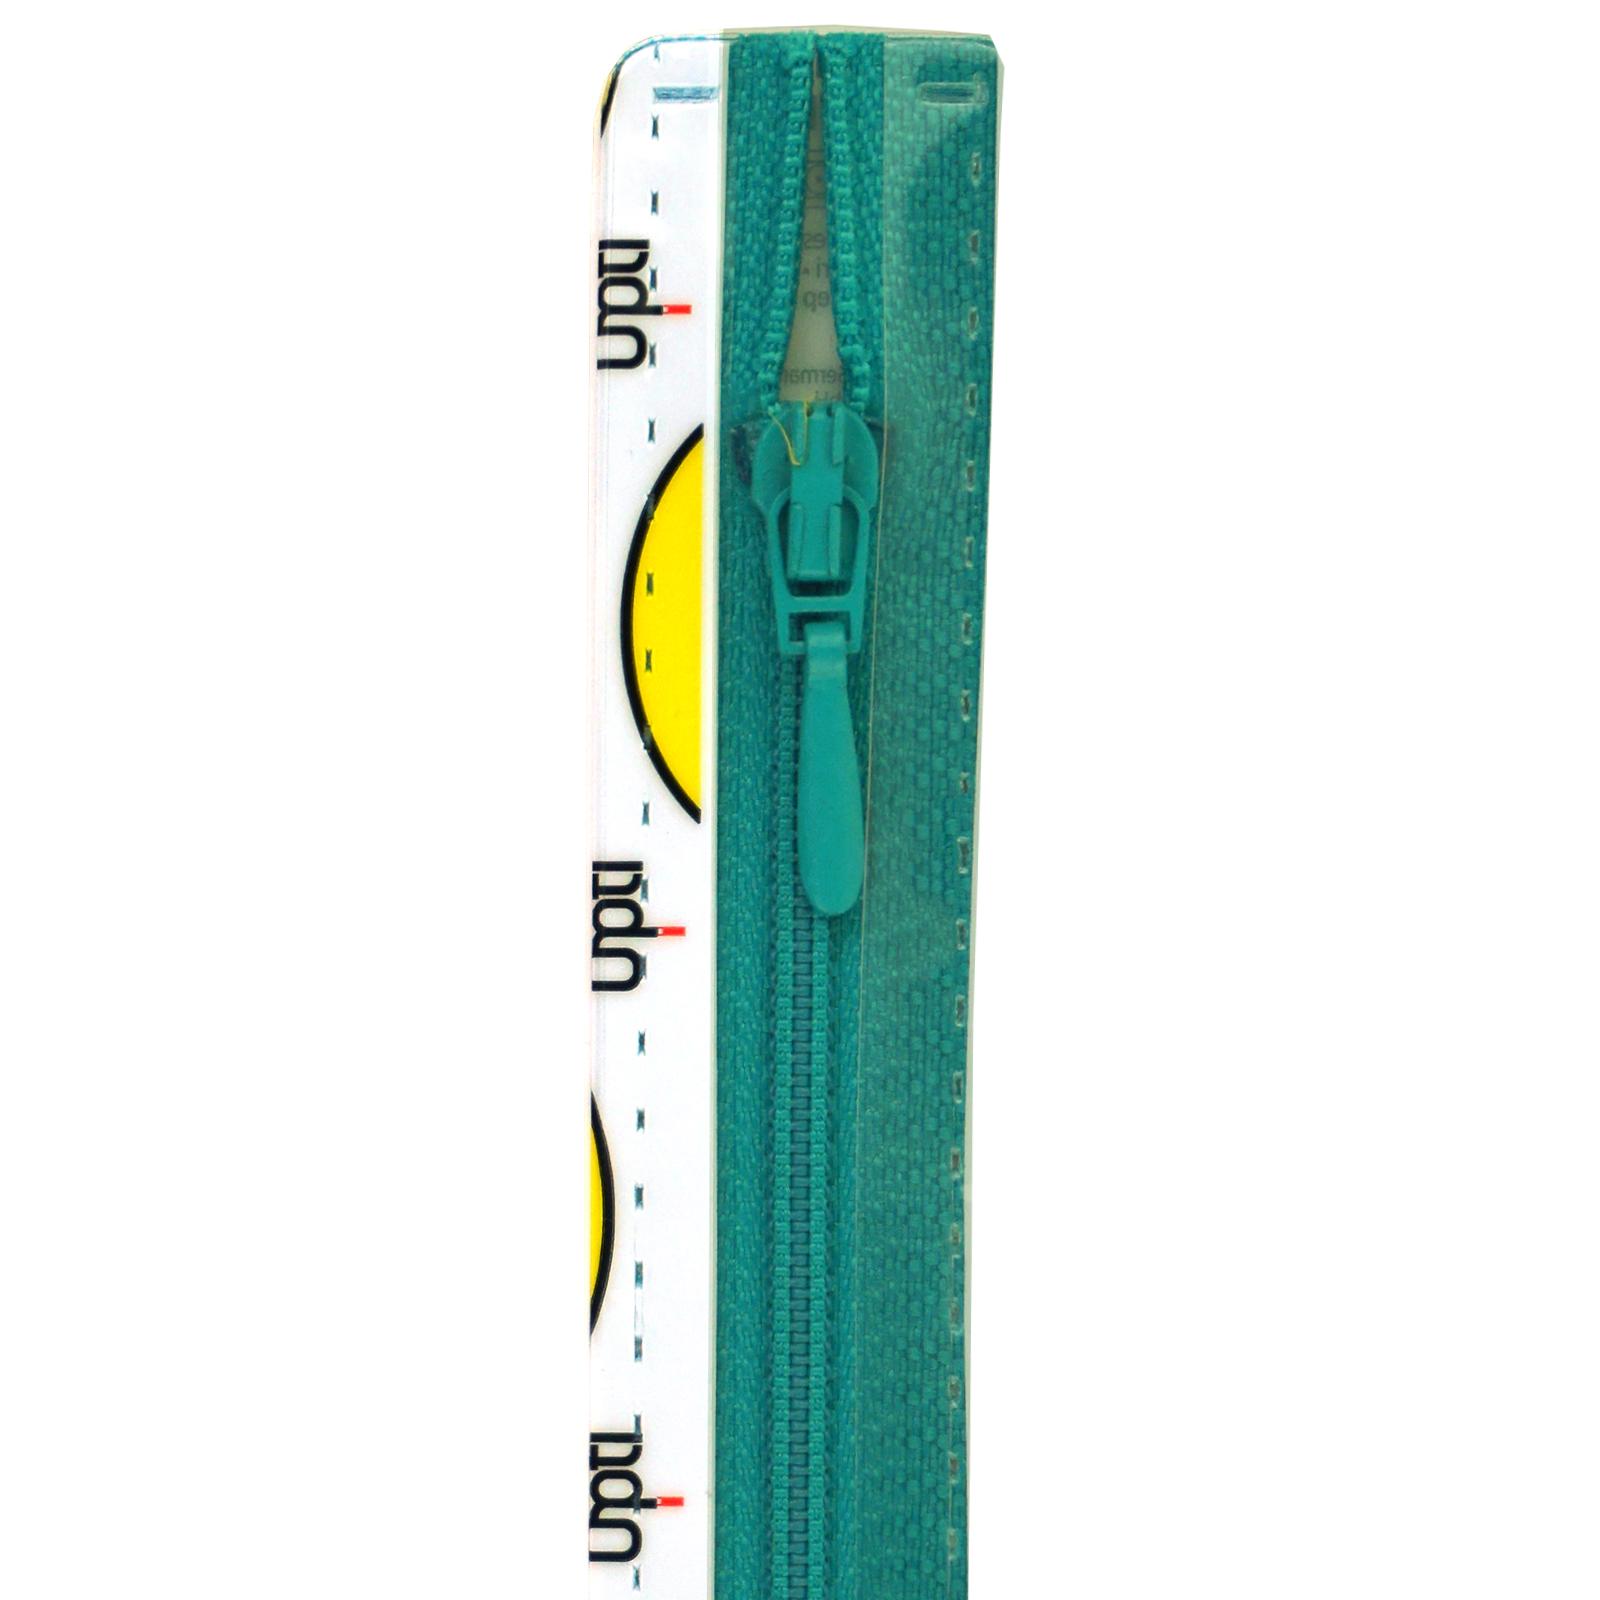 Rits;Opti-Lon S40 D.Turquoise-298